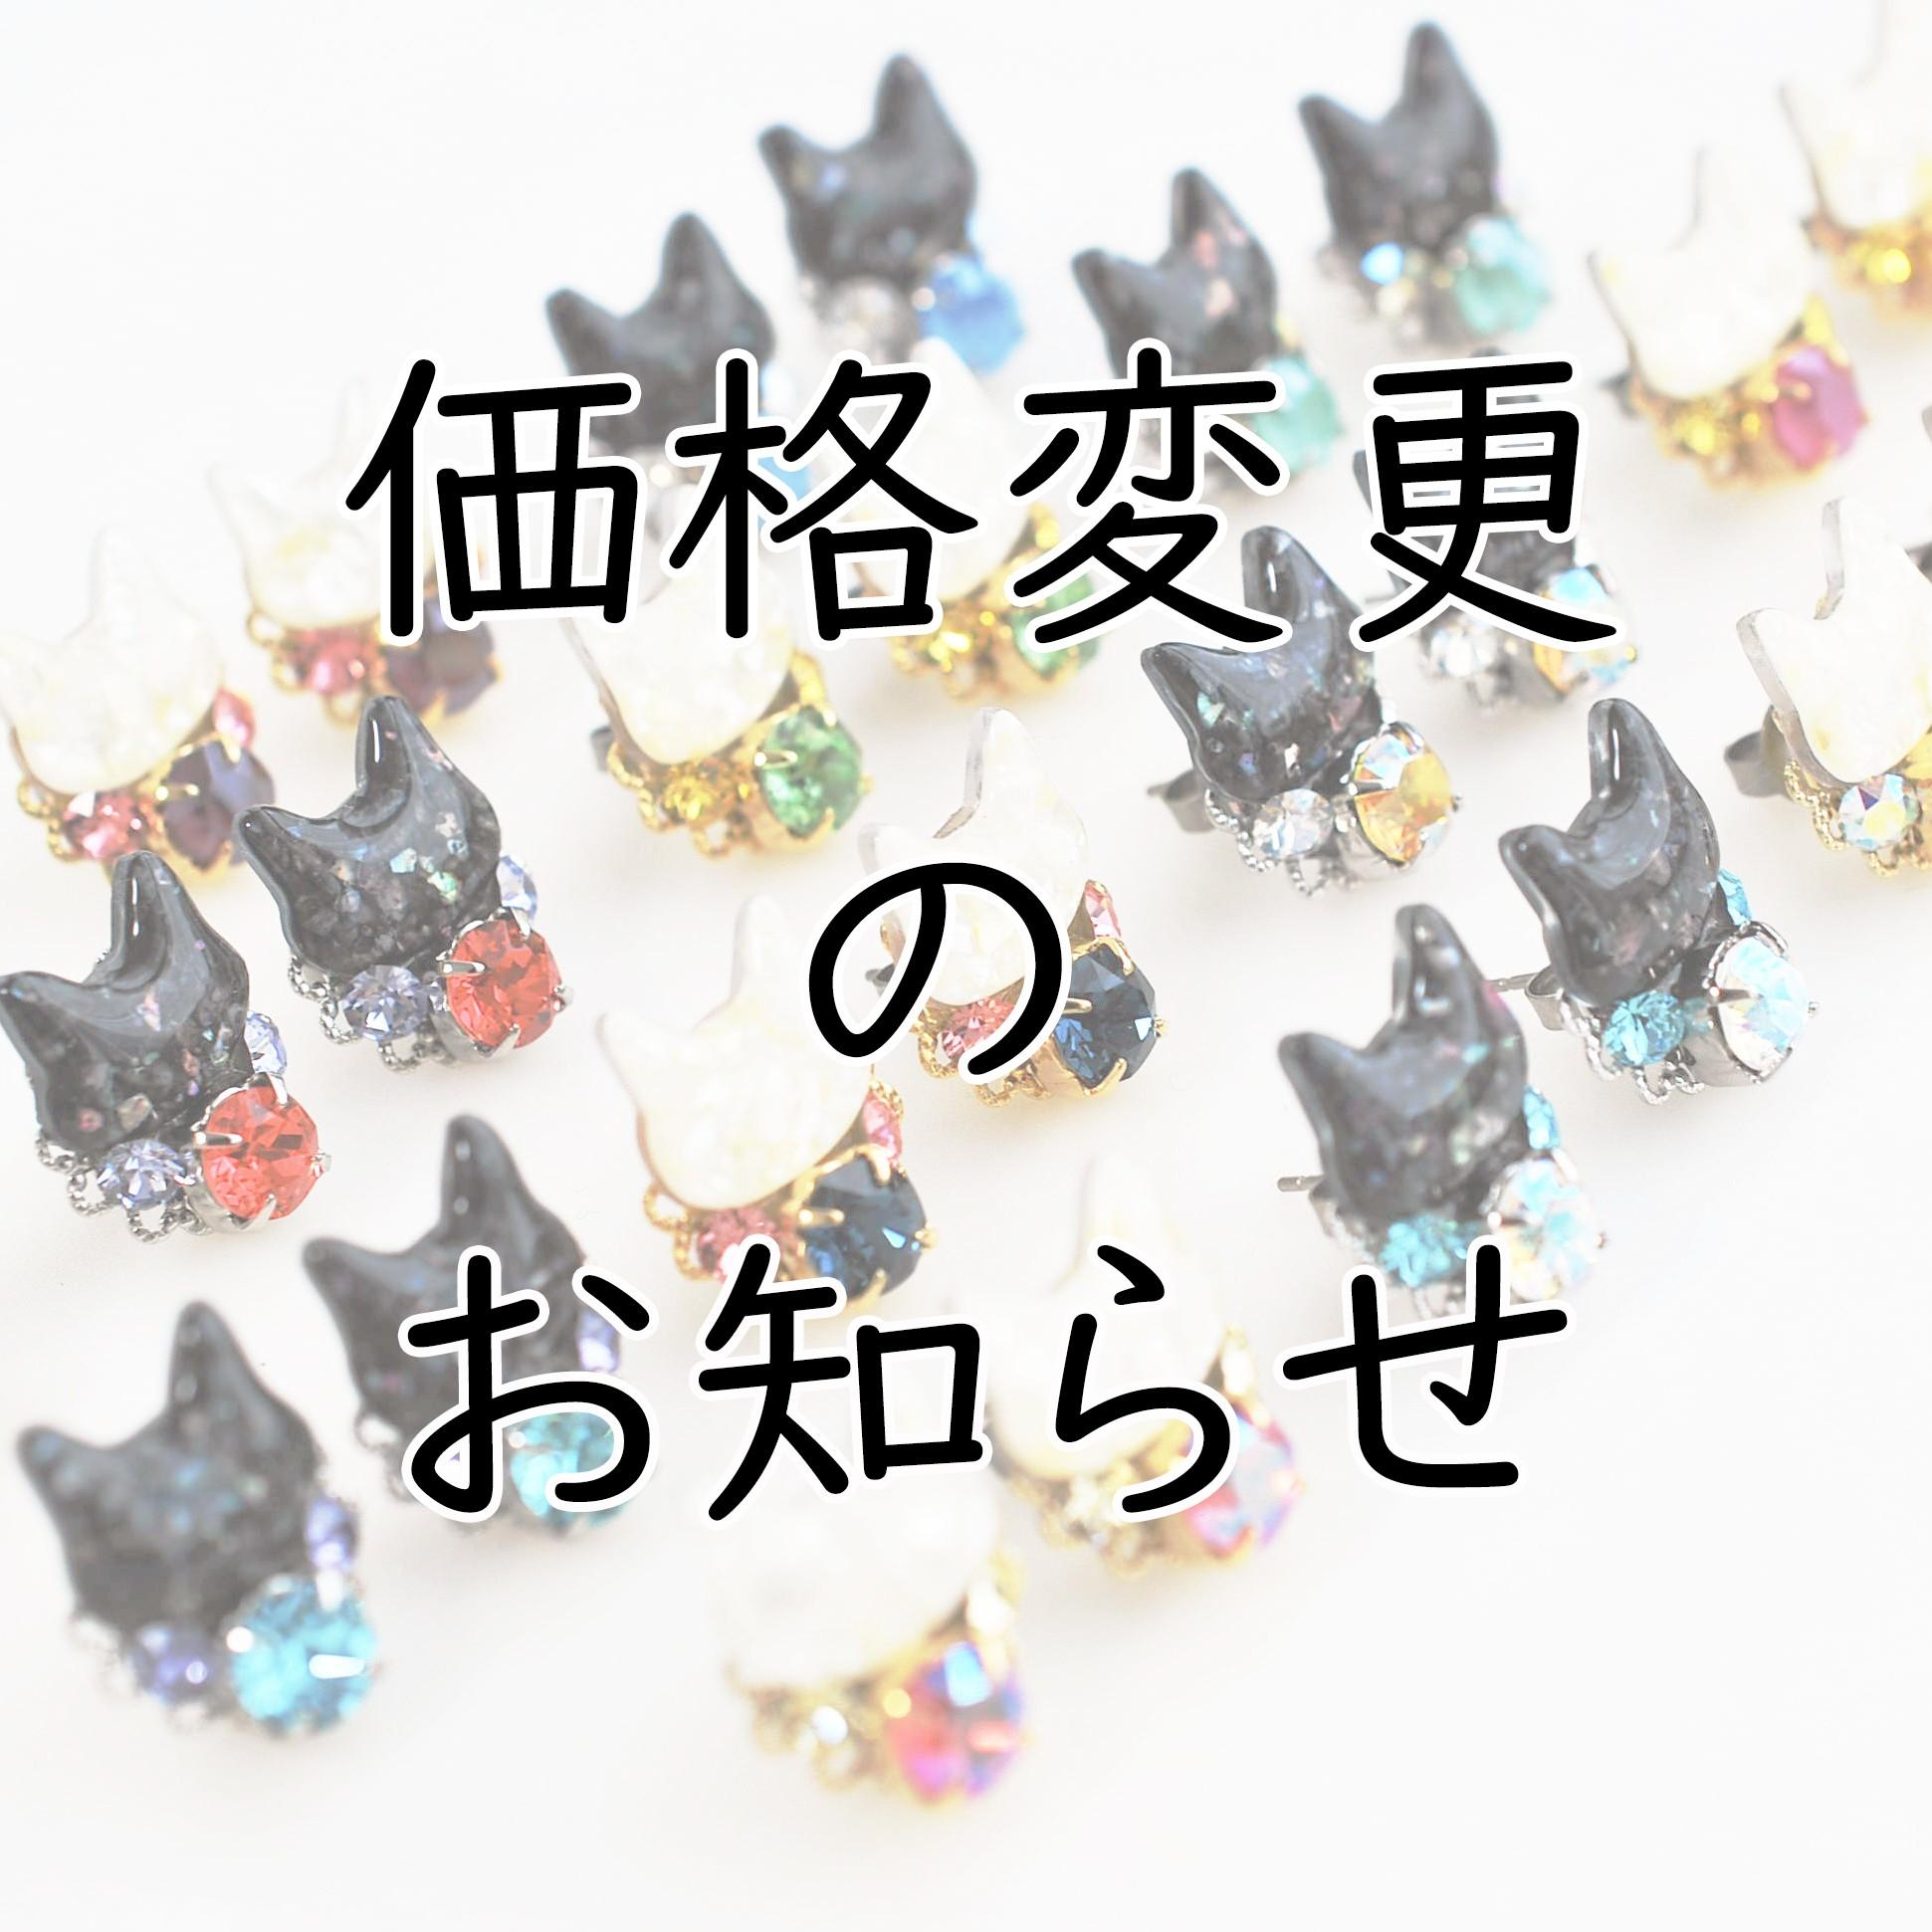 10/1(火)からの価格変更のお知らせ